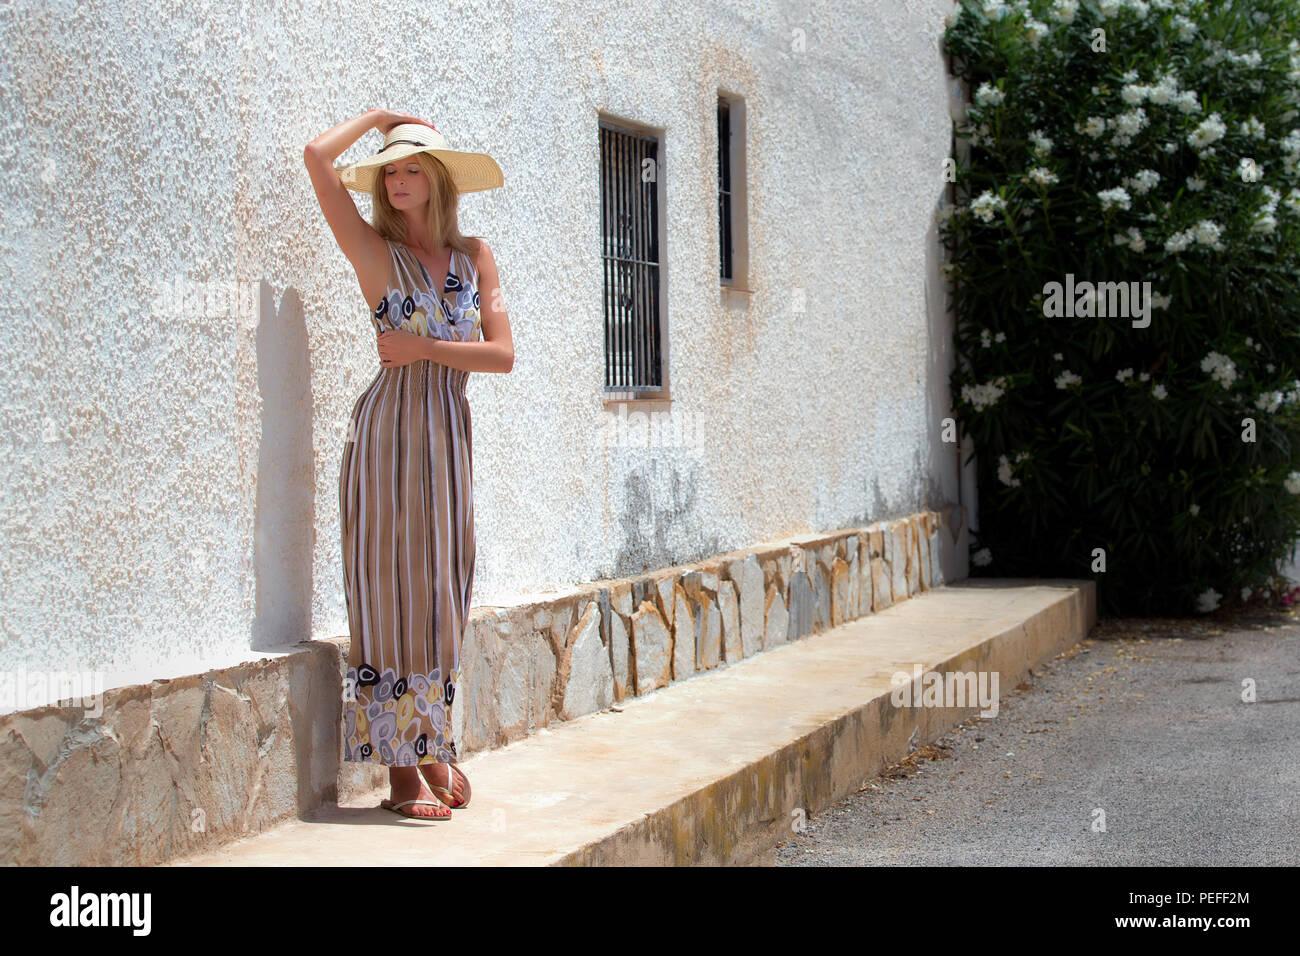 Hembra rubio y alto de pie en frente de una casa española, vistiendo un traje stripey largo y un sombrero de ala grande en el sol. Imagen De Stock